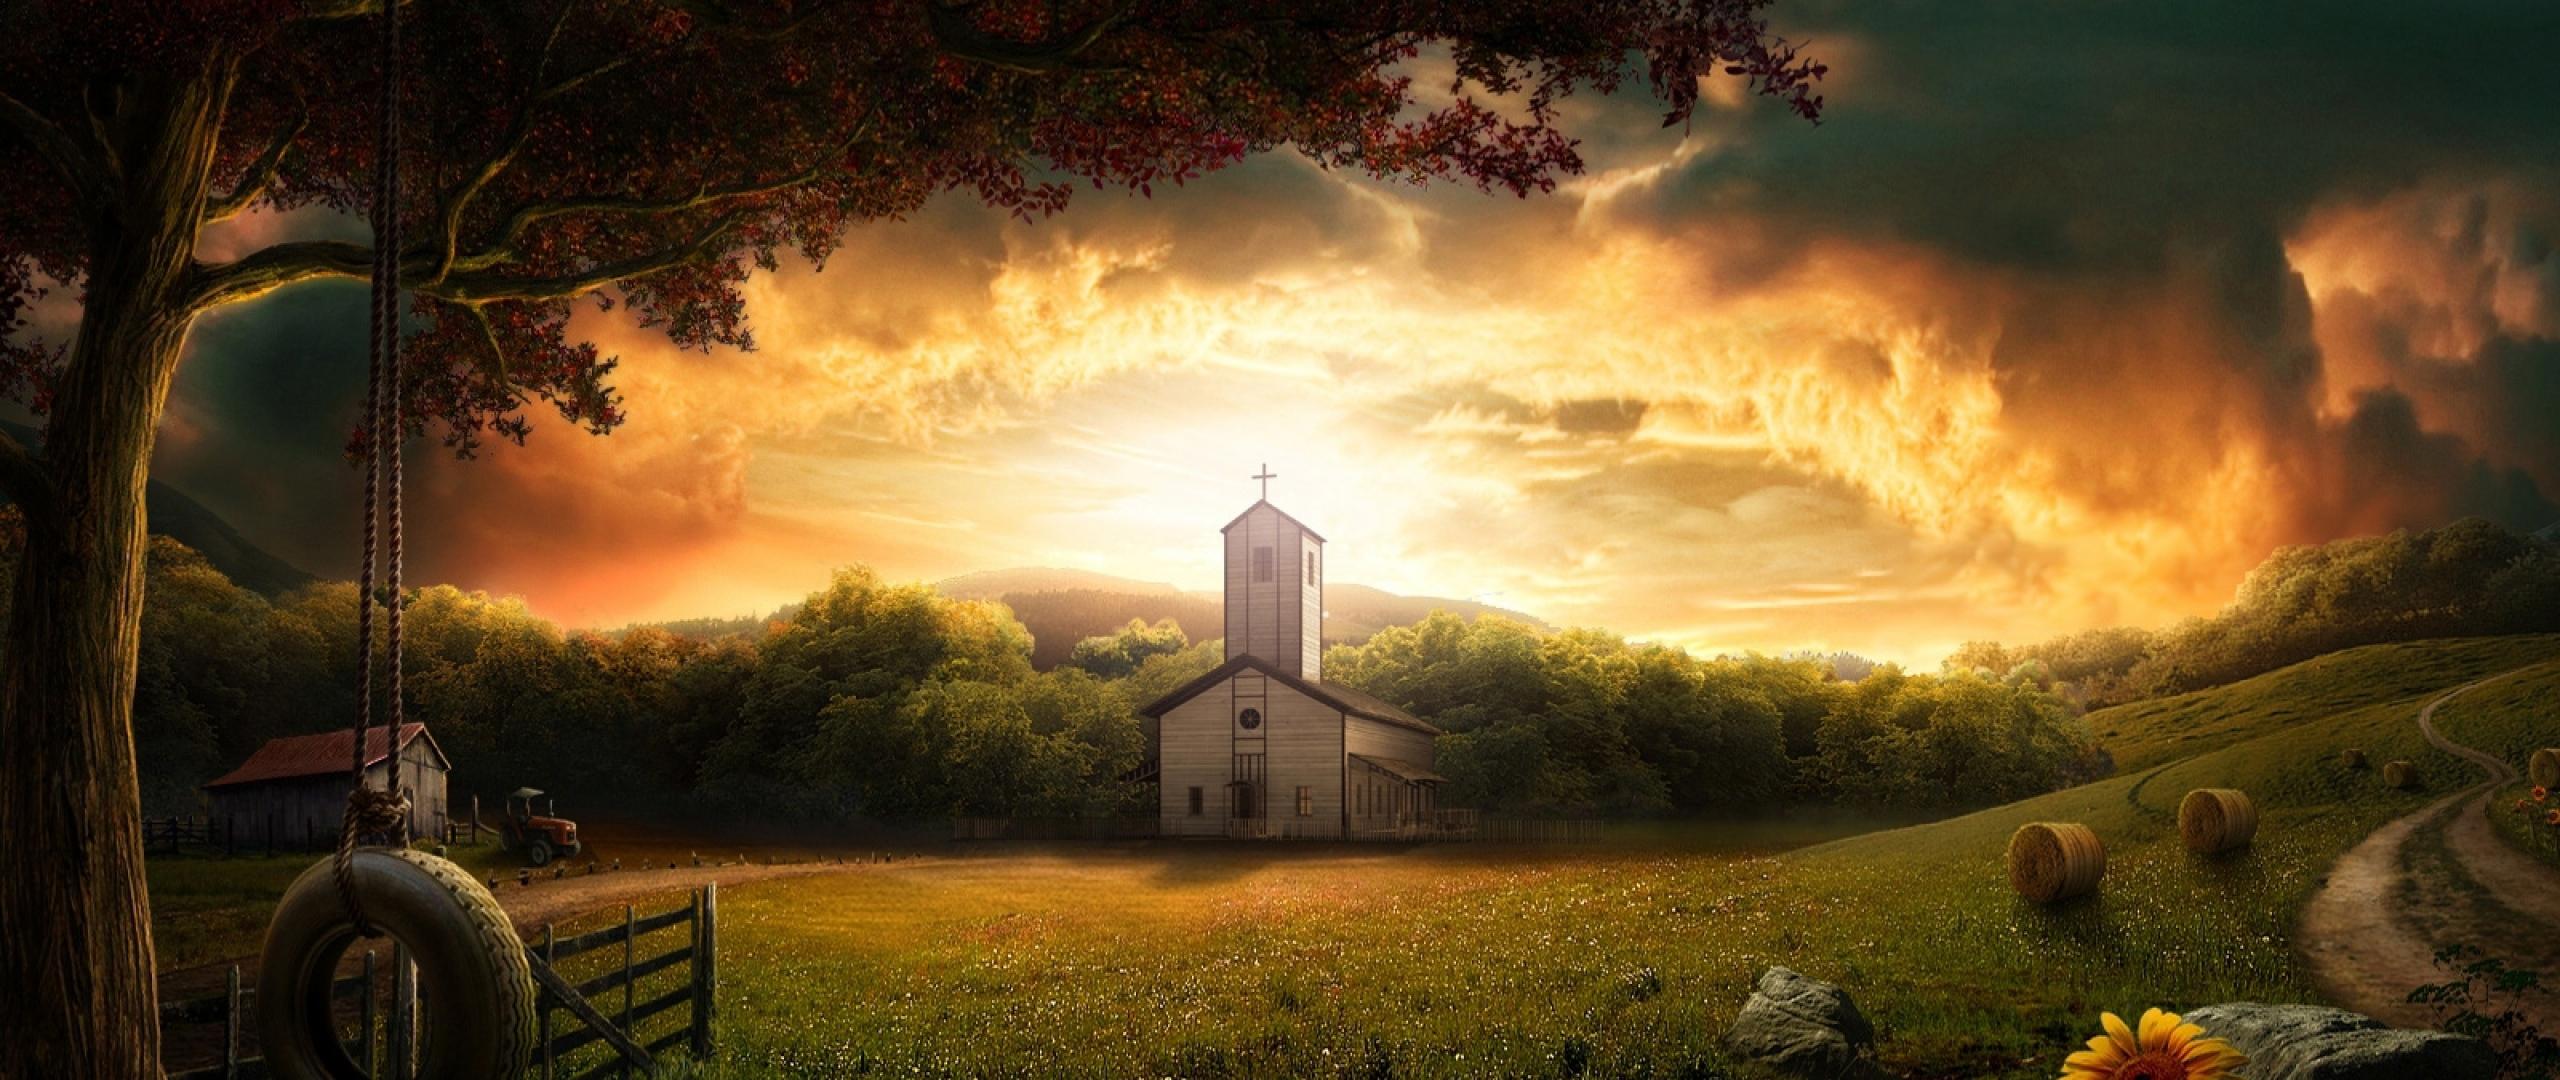 2560x1080 Wallpaper 3d photoshop nature landscape 2560x1080